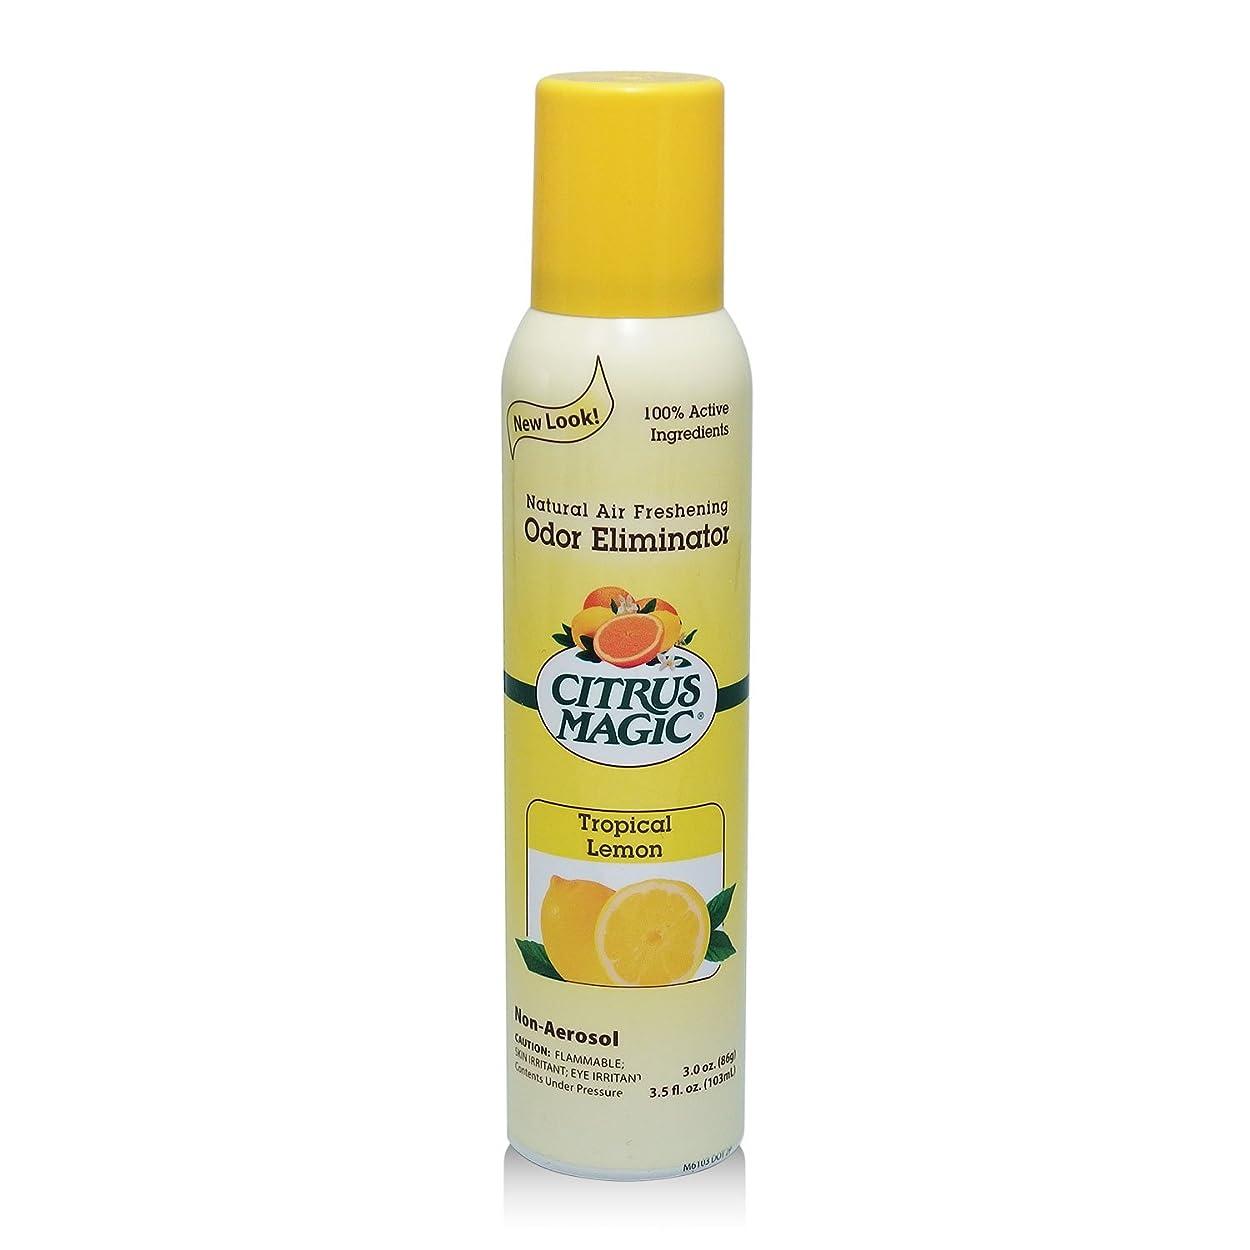 パースブラックボロウ賃金買い物に行くシトラスマジック エア フレッシュナー レモン 103ml 果皮抽出オイルをギュッと詰めた消臭?芳香ルームスプレー